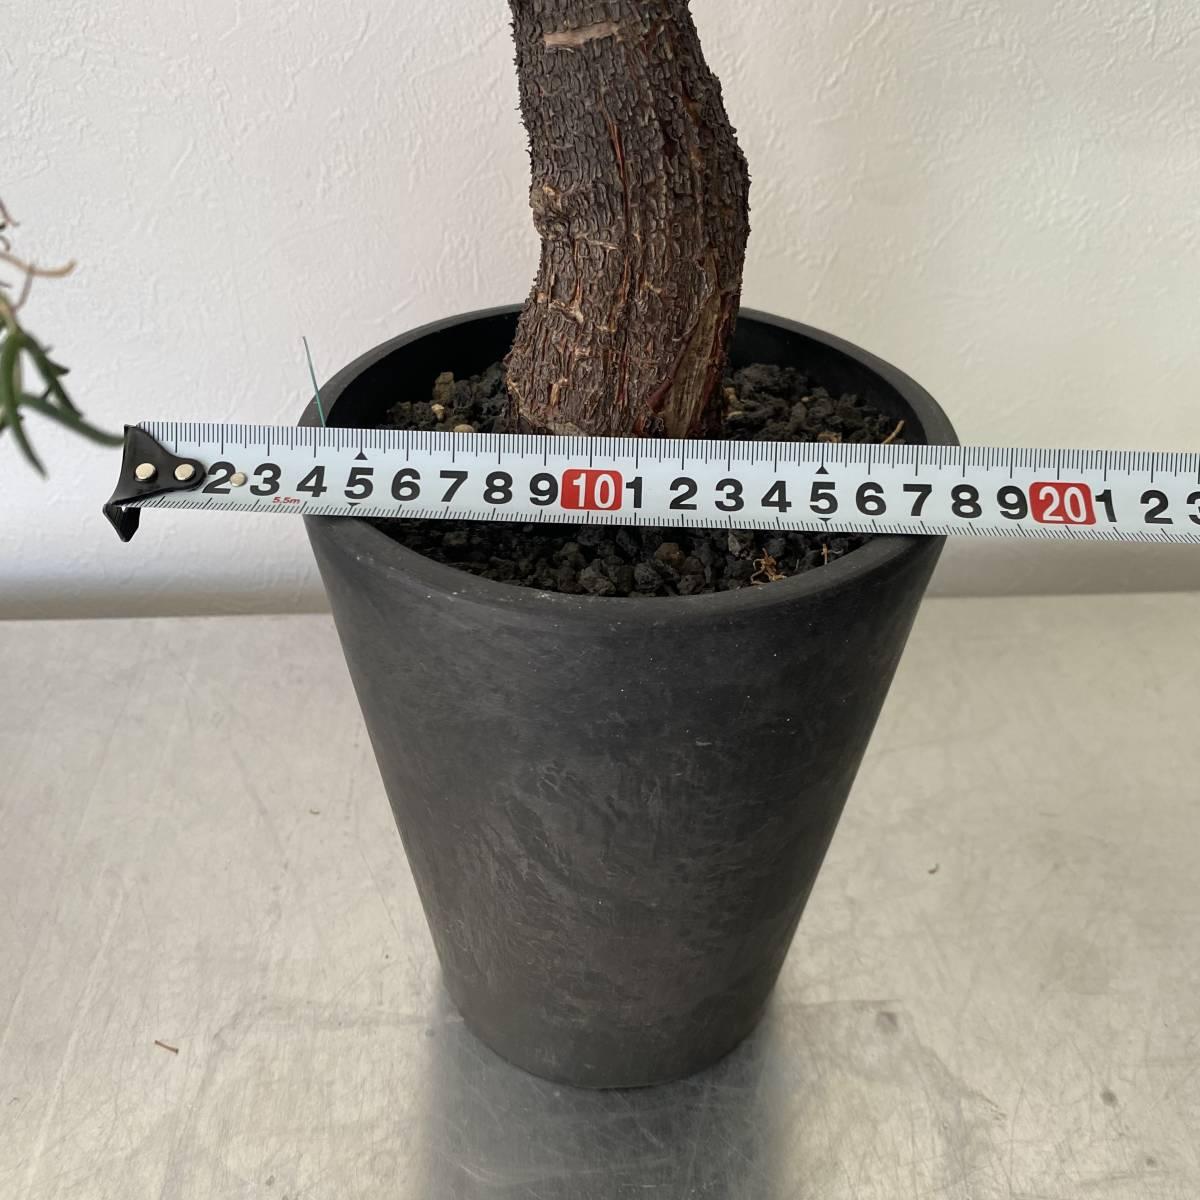 大株 2021.03.16撮影 幹幅5cm Mestoklema tuberosum メストクレマ ツベローサム 植物所有して4年以上_画像2